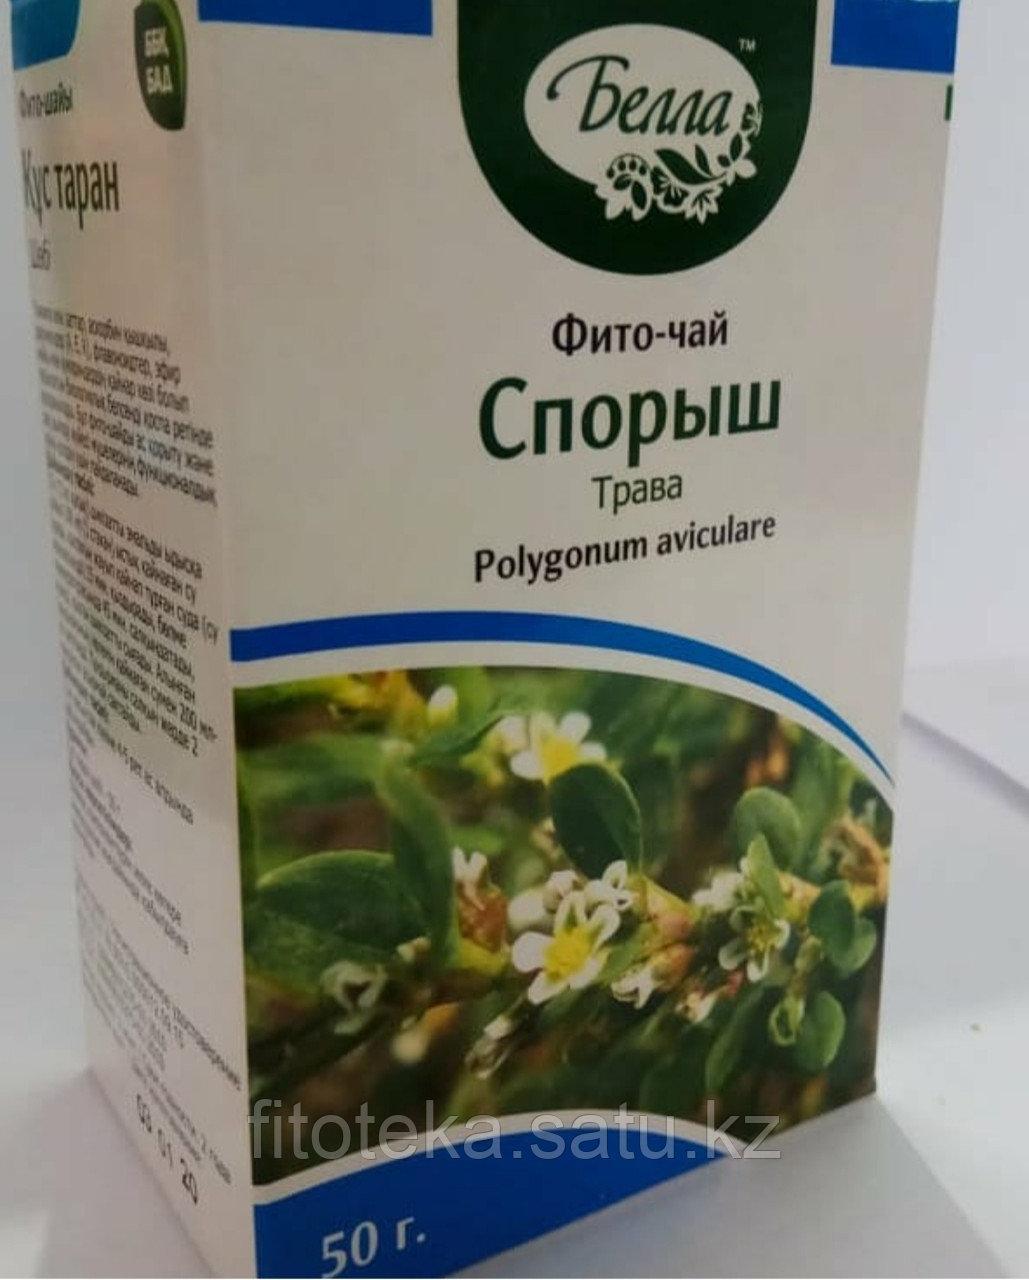 Спорыш трава 50,0г  ф/чай Белла